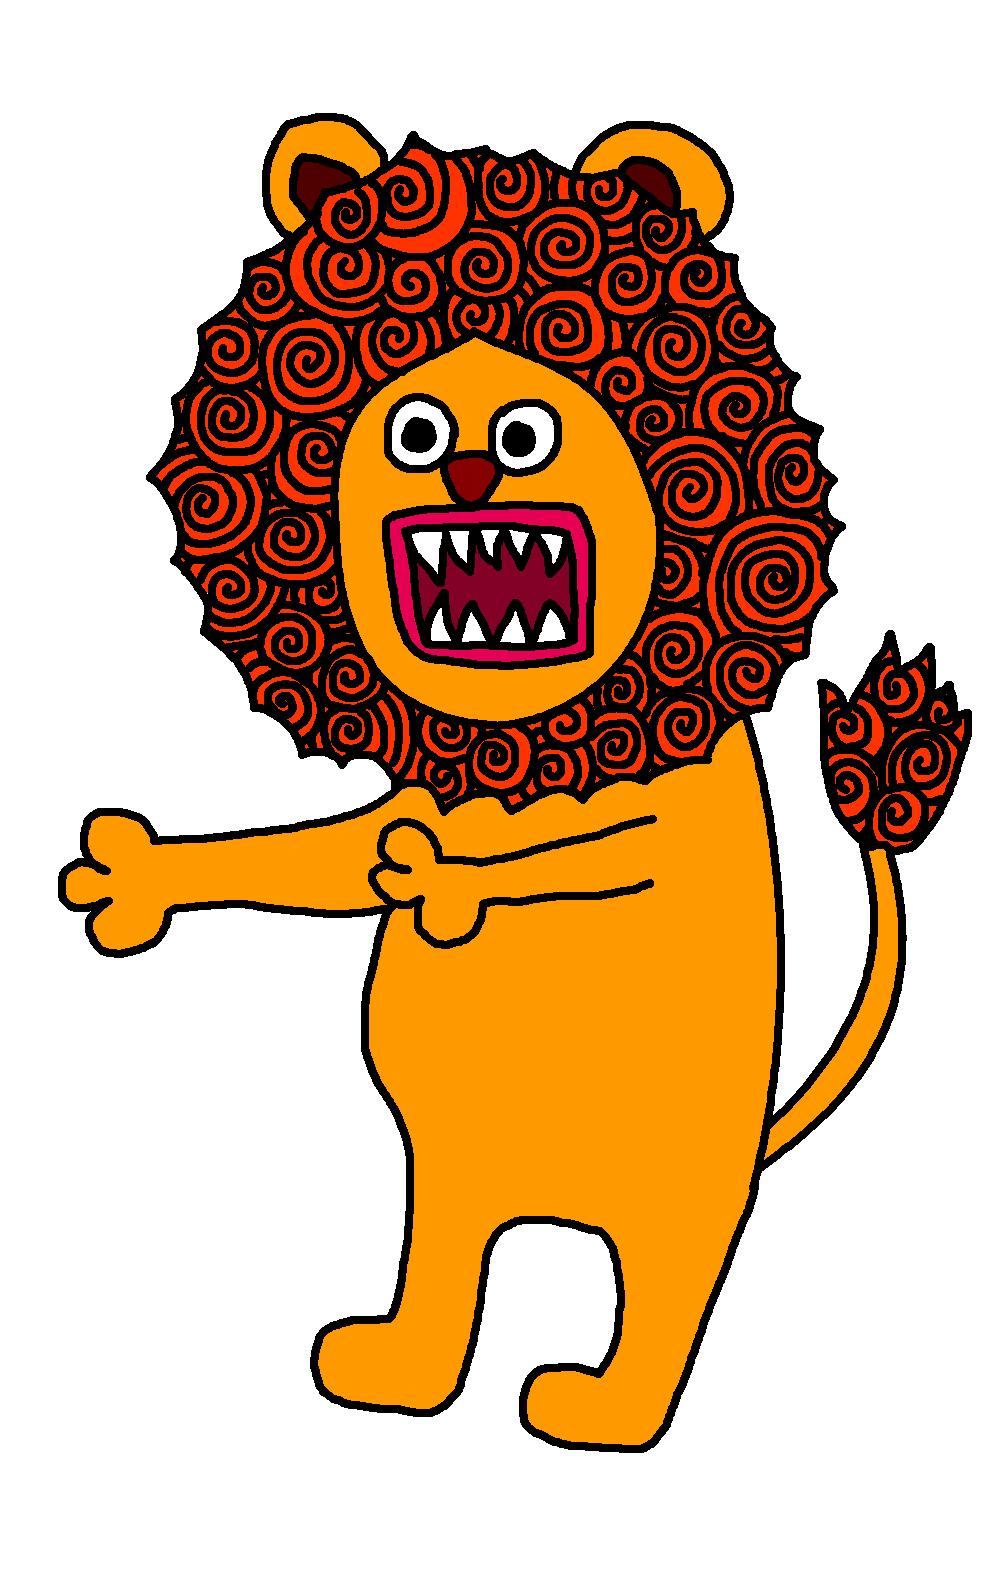 らいおんver.color